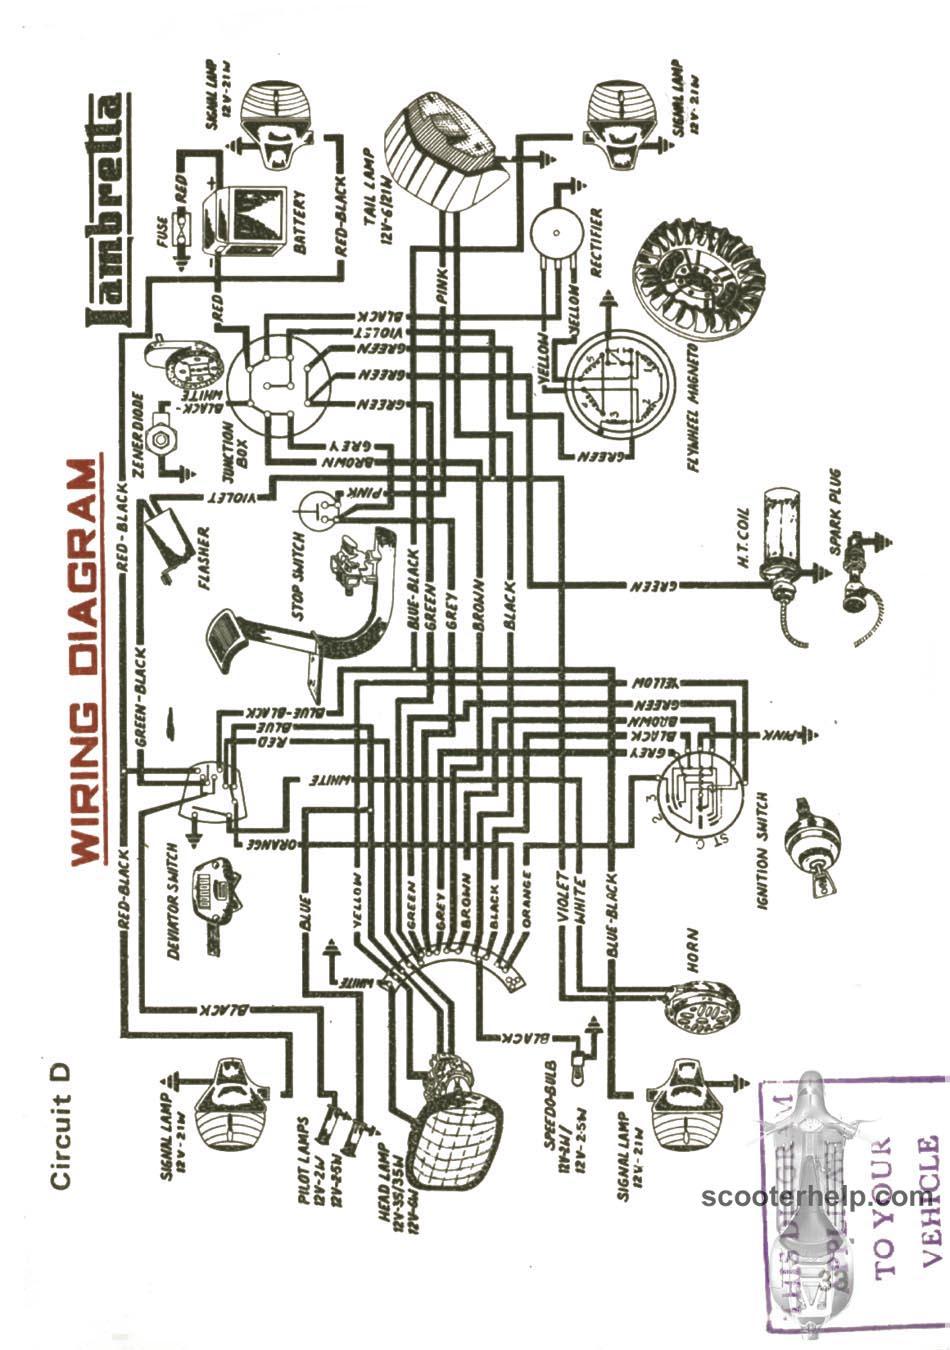 Sil Lambretta Dl 200 Owner S Manual